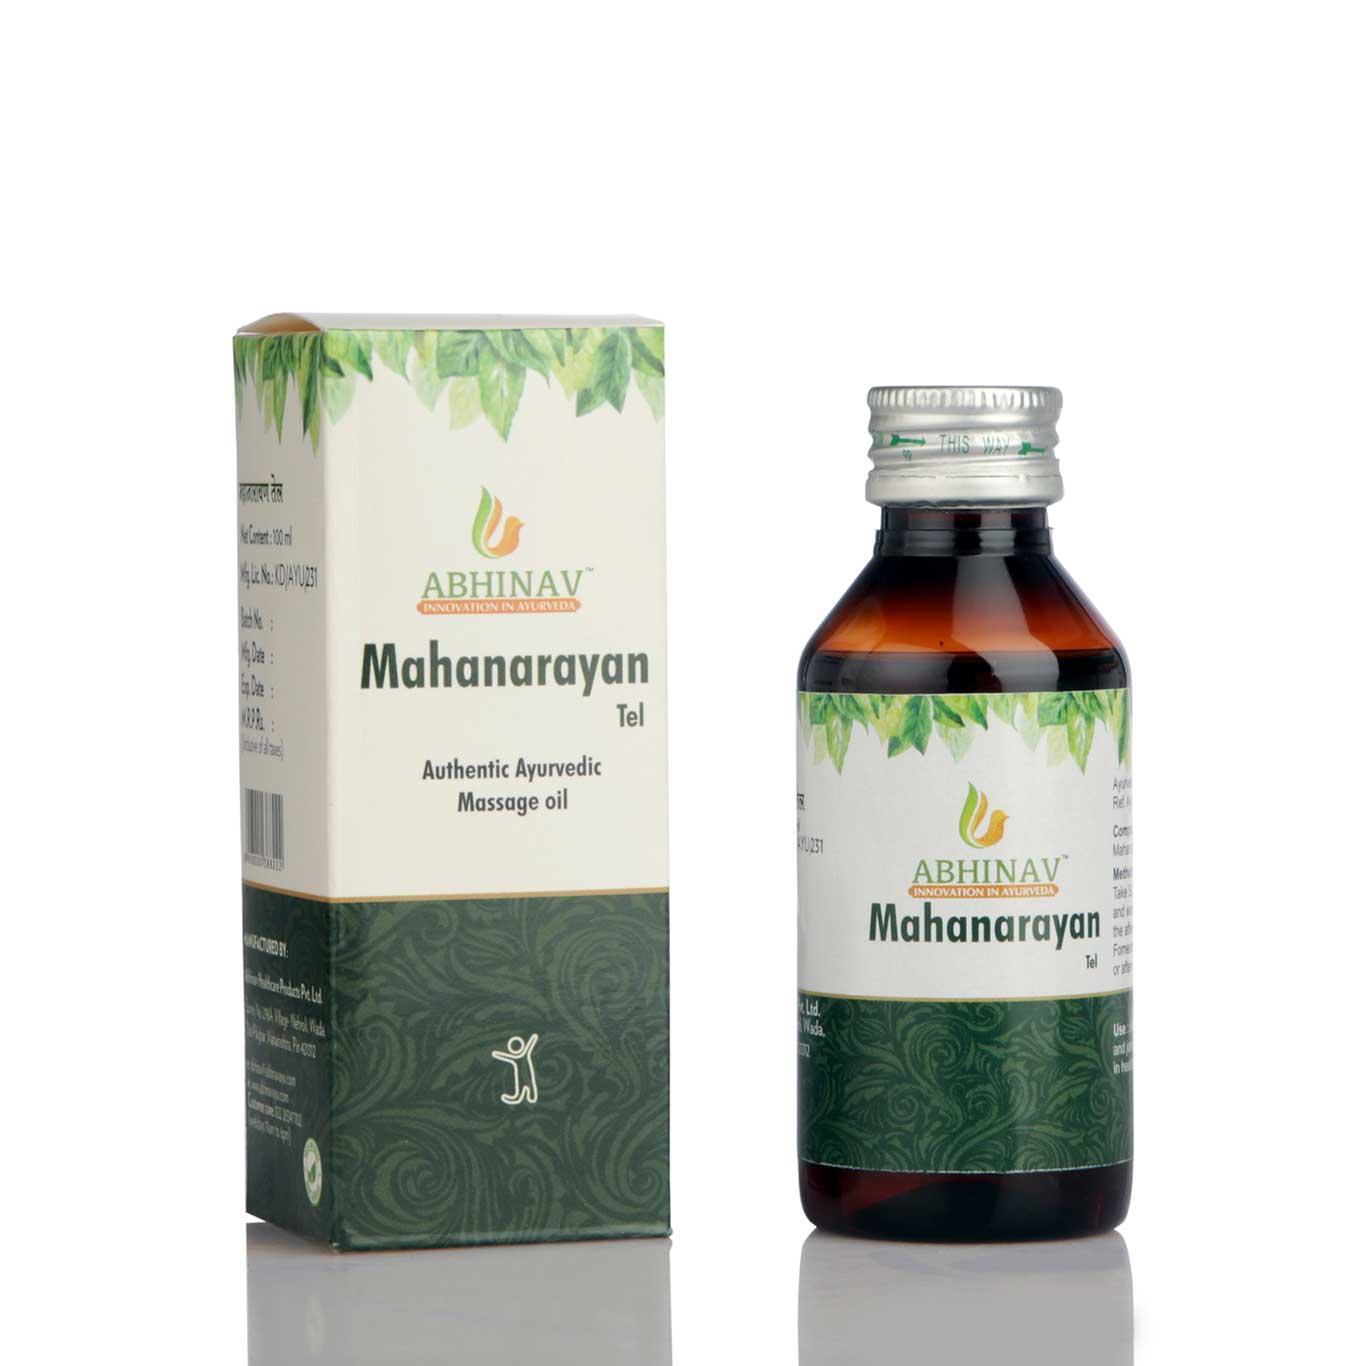 ayurvedic Mahanarayan Oil